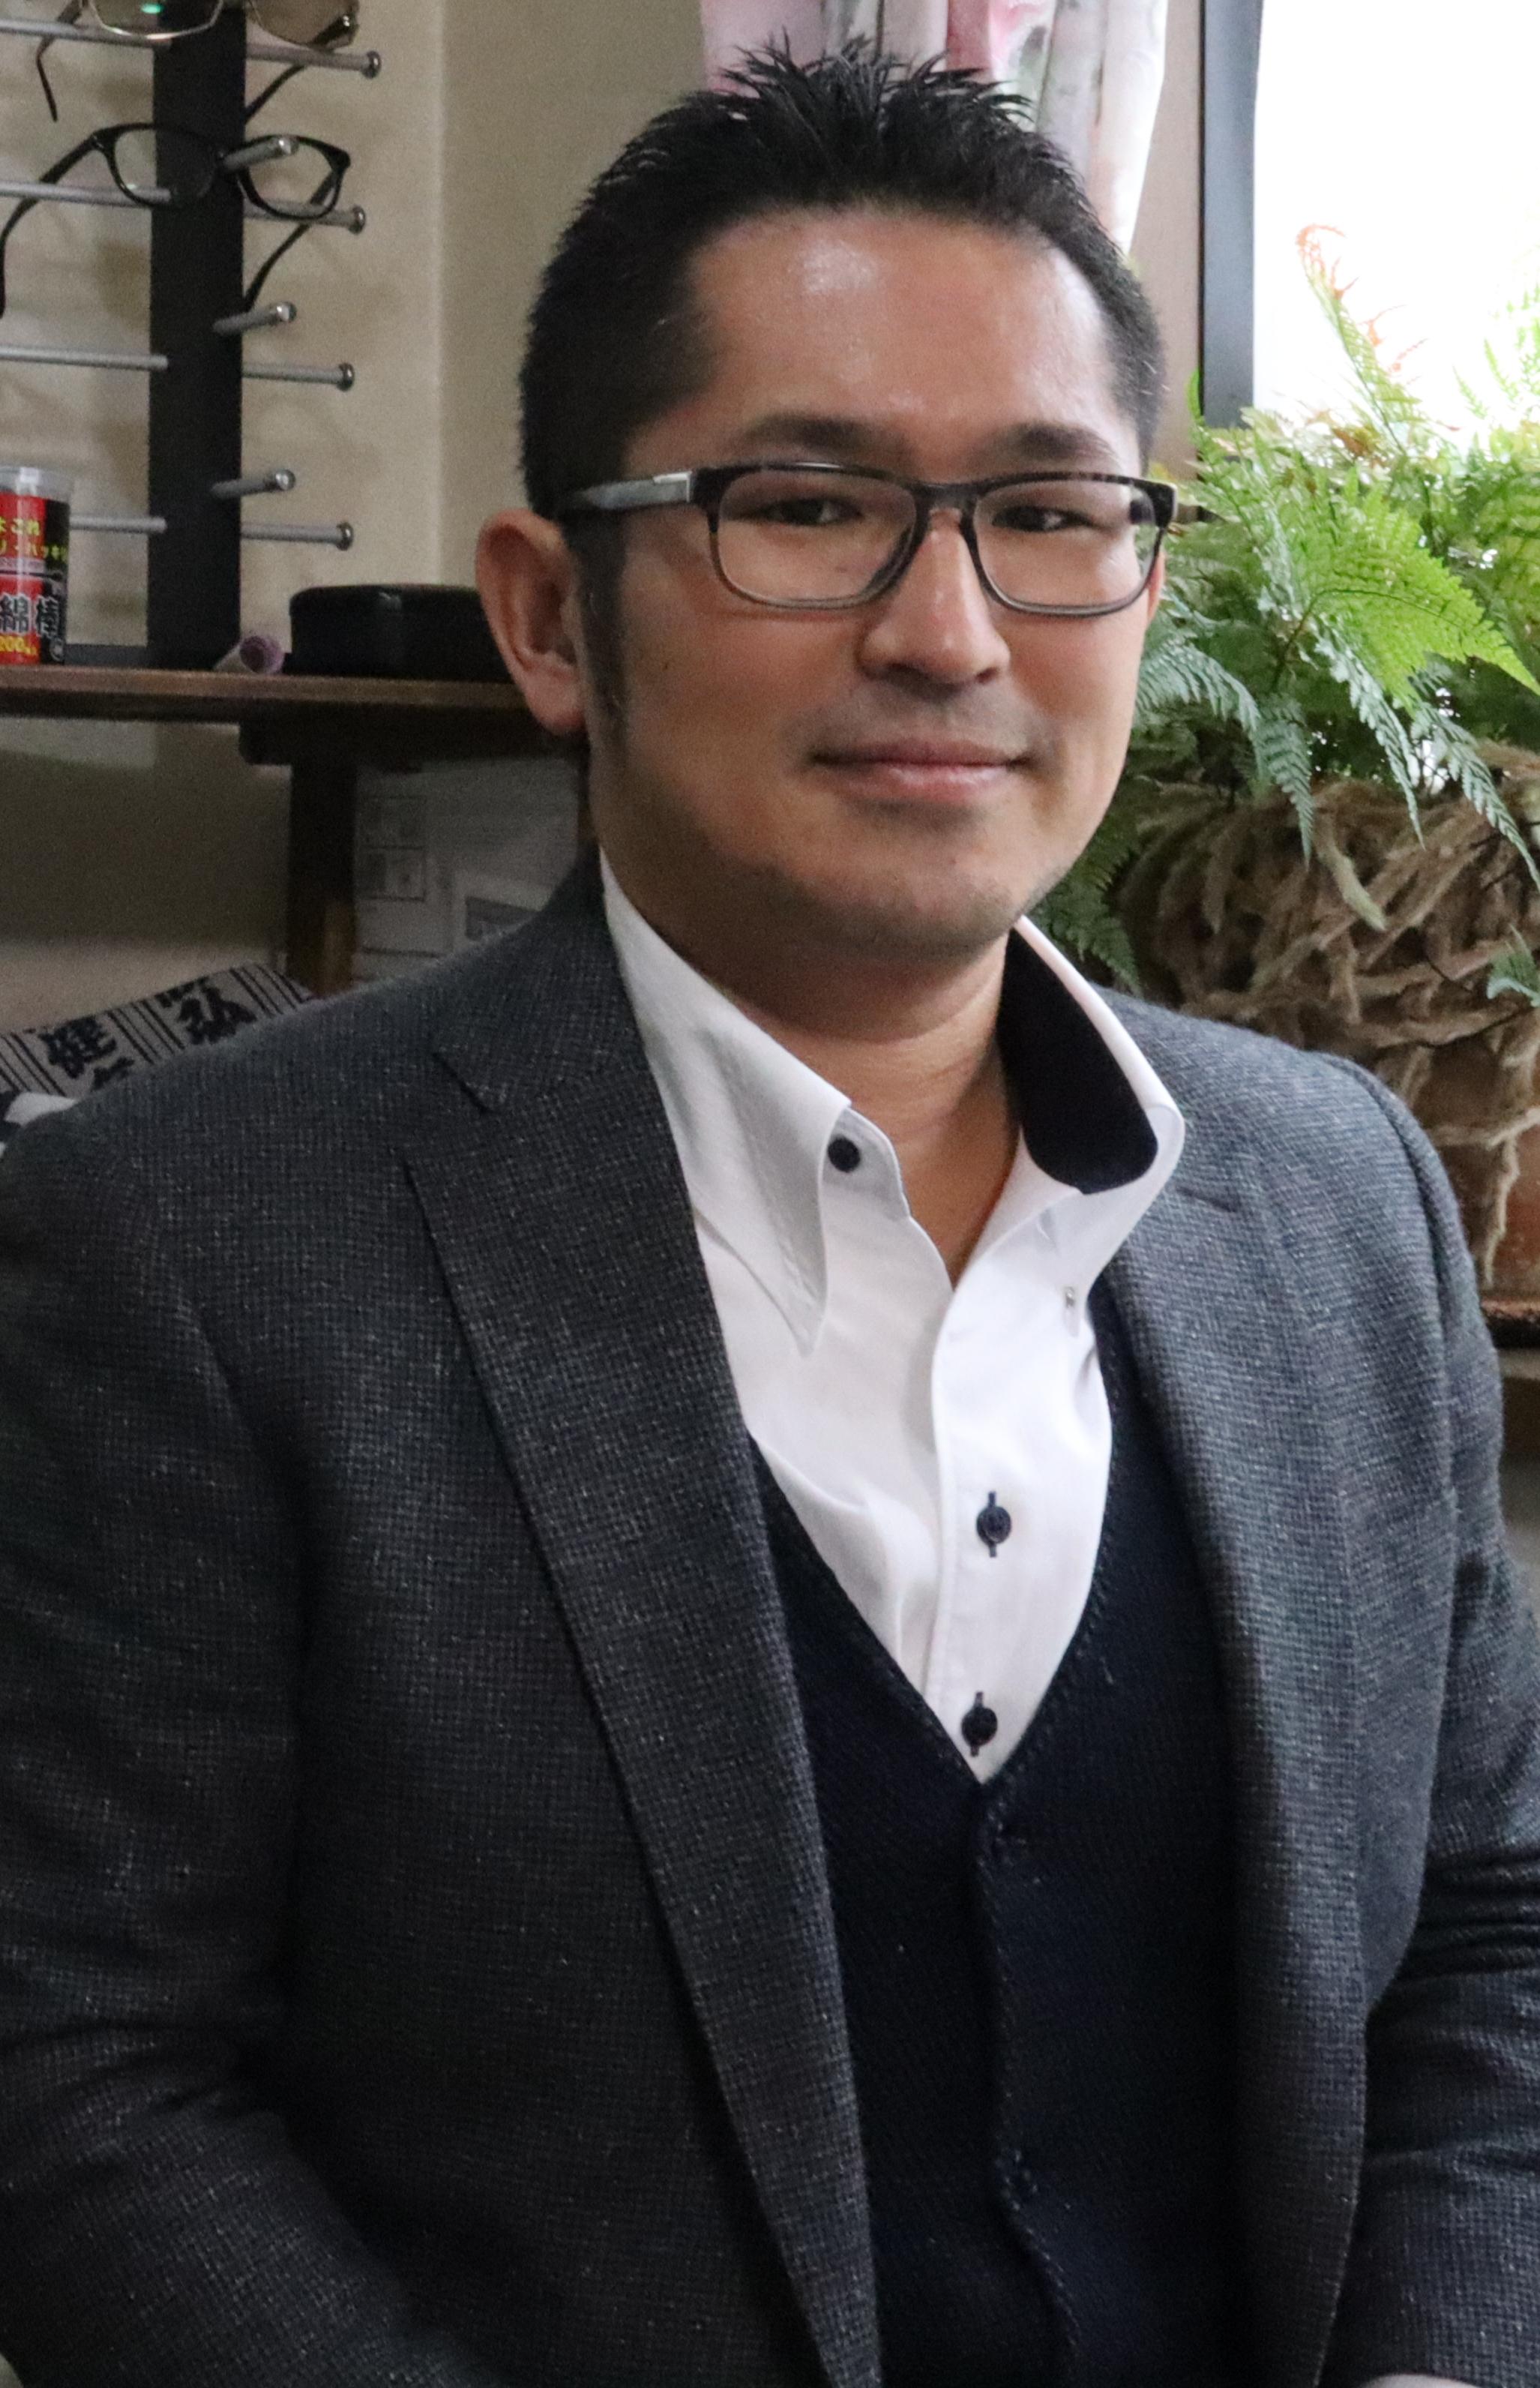 株式会社生き直し  代表取締役 千葉 龍一